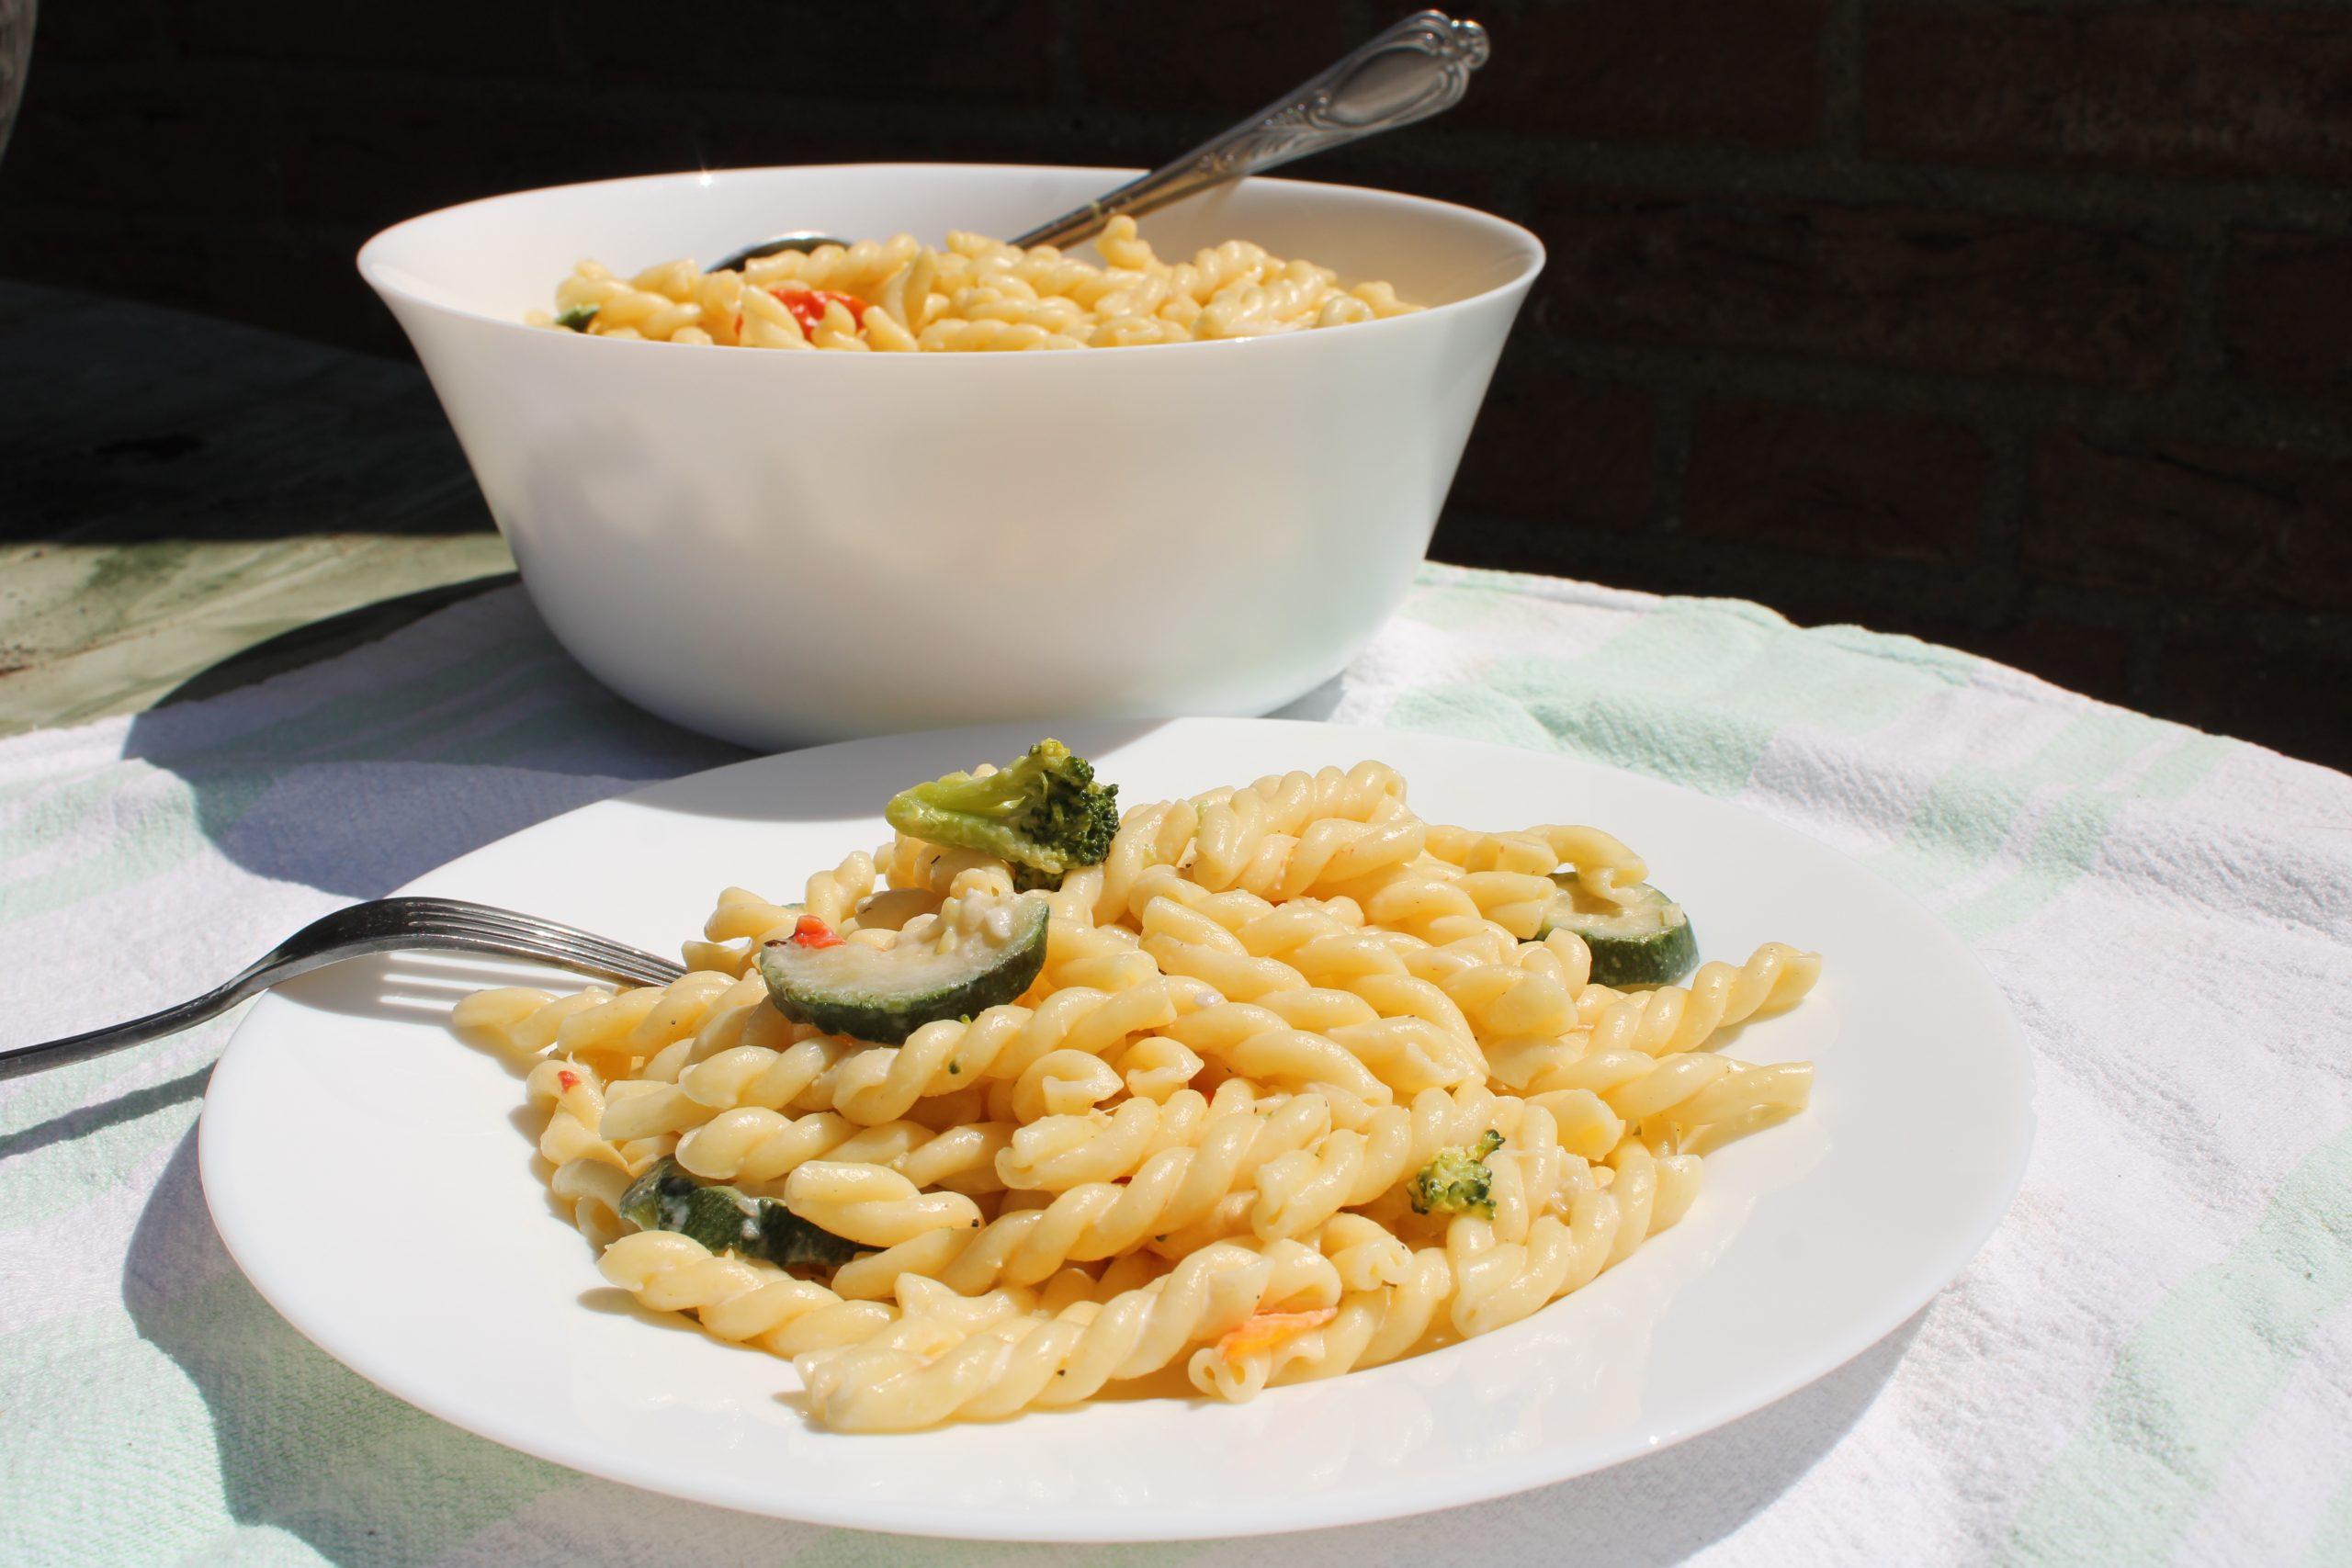 Simpele vegetarische pastasalade met veel groente